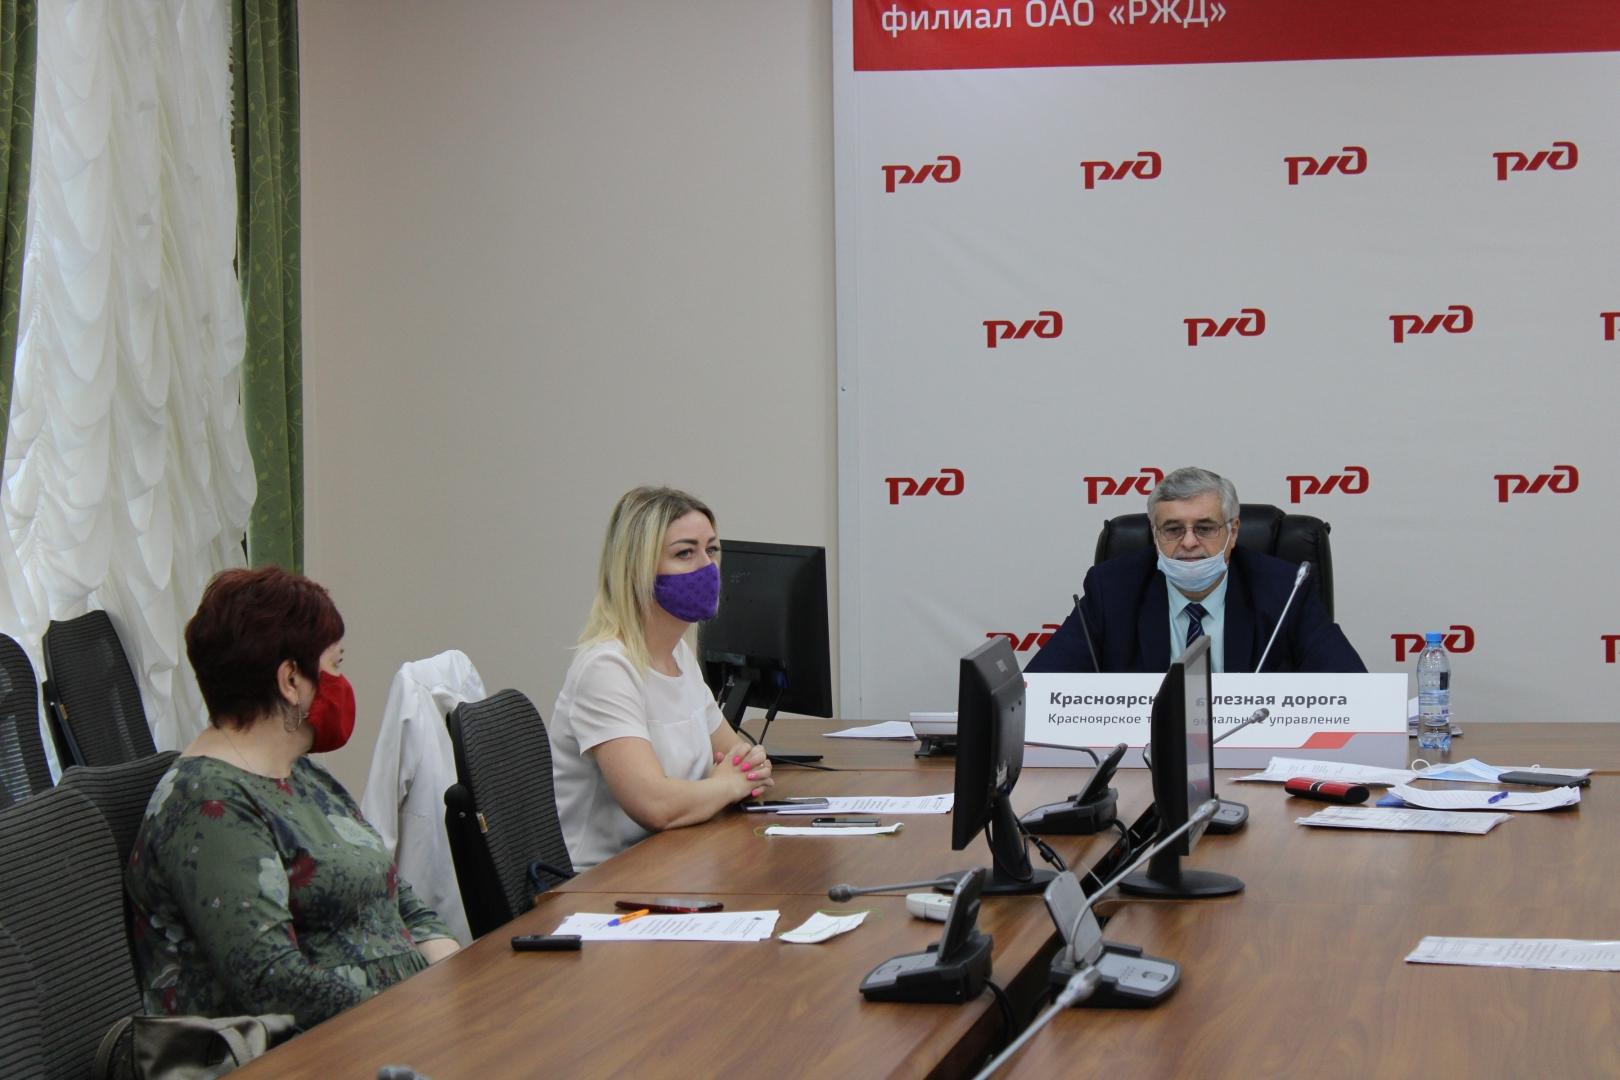 XII Пленум Дорпрофжел на Красноярской железной дороге 18 июня 2020